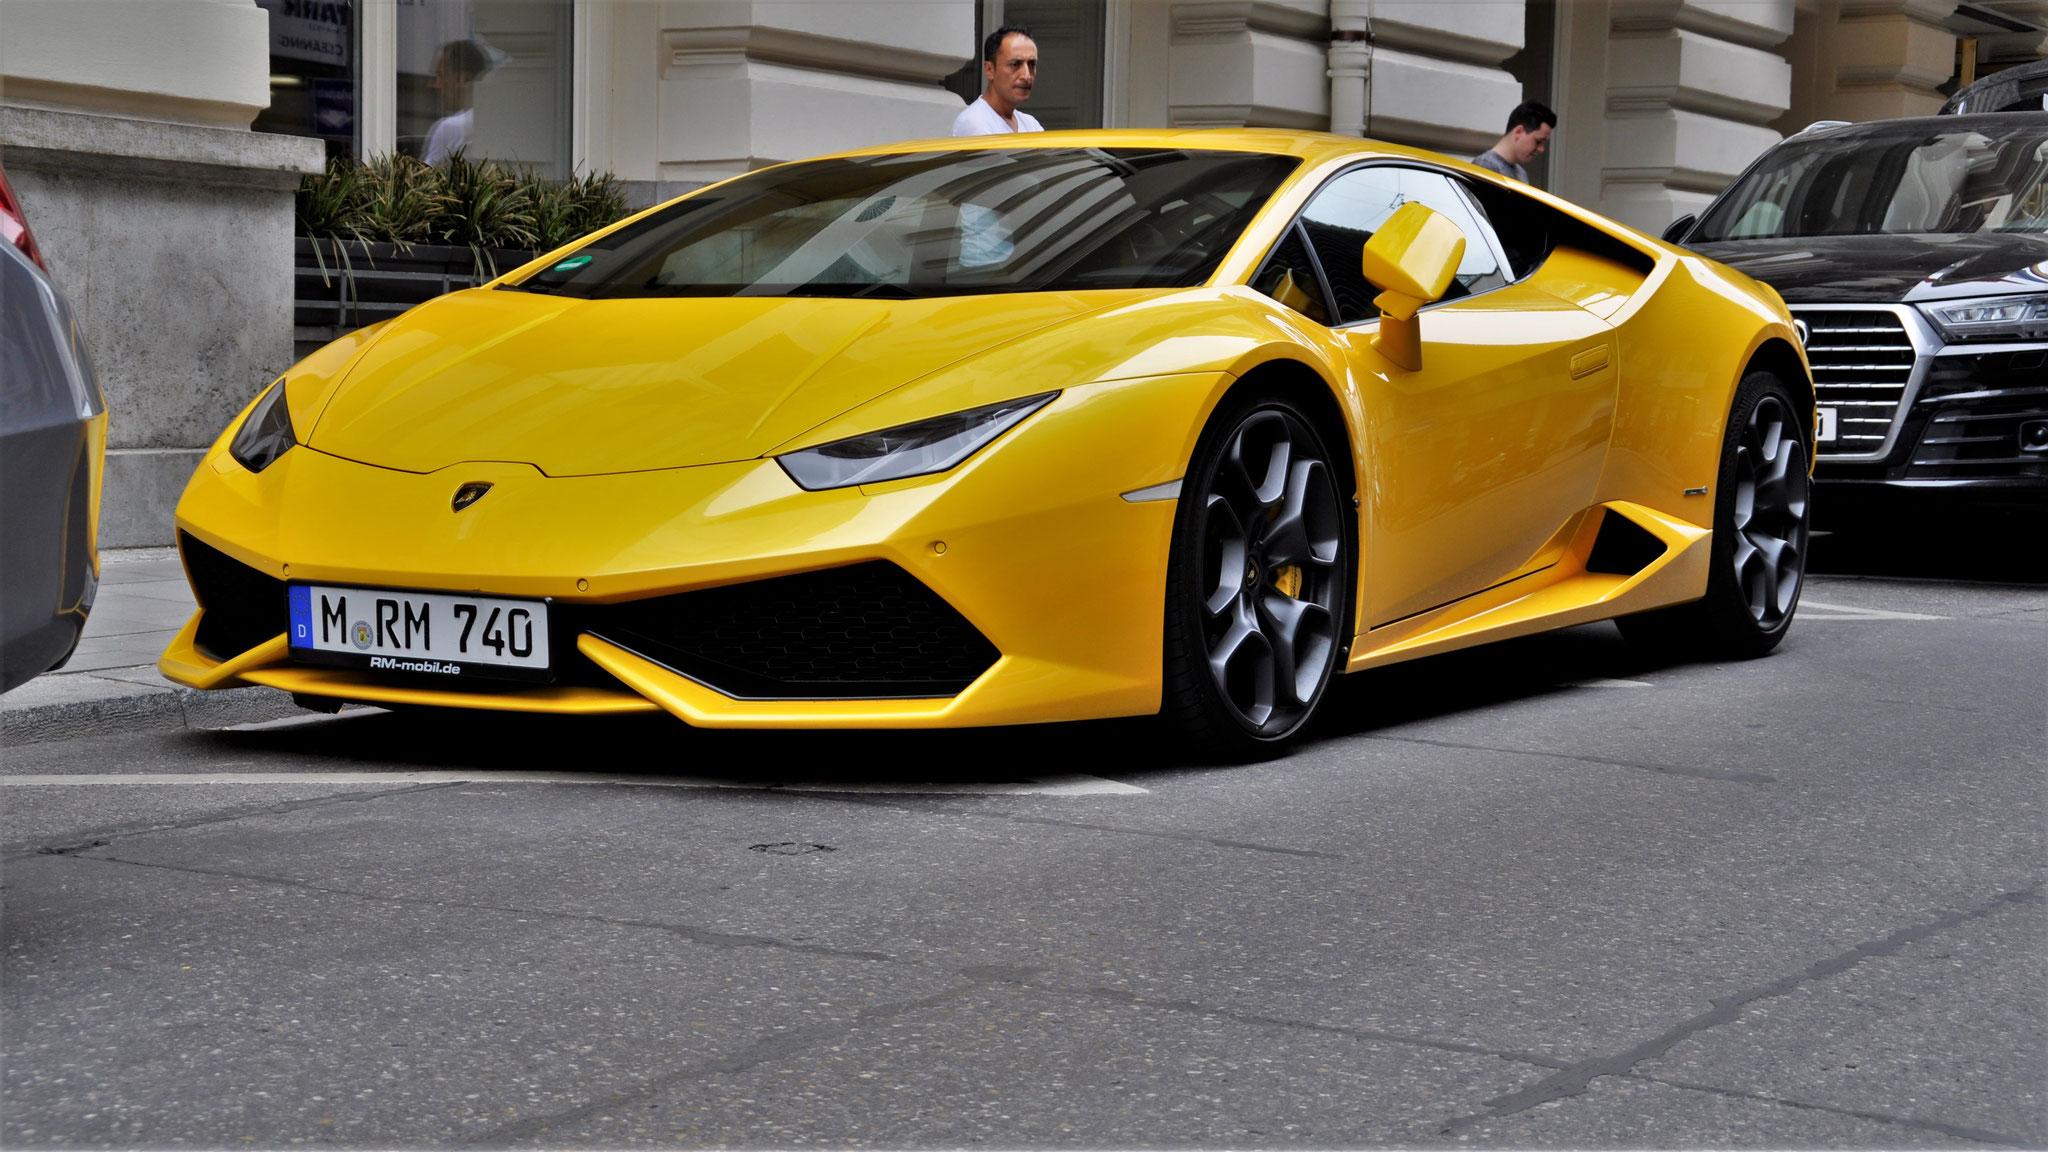 Lamborghini Huracan - M-RM-740